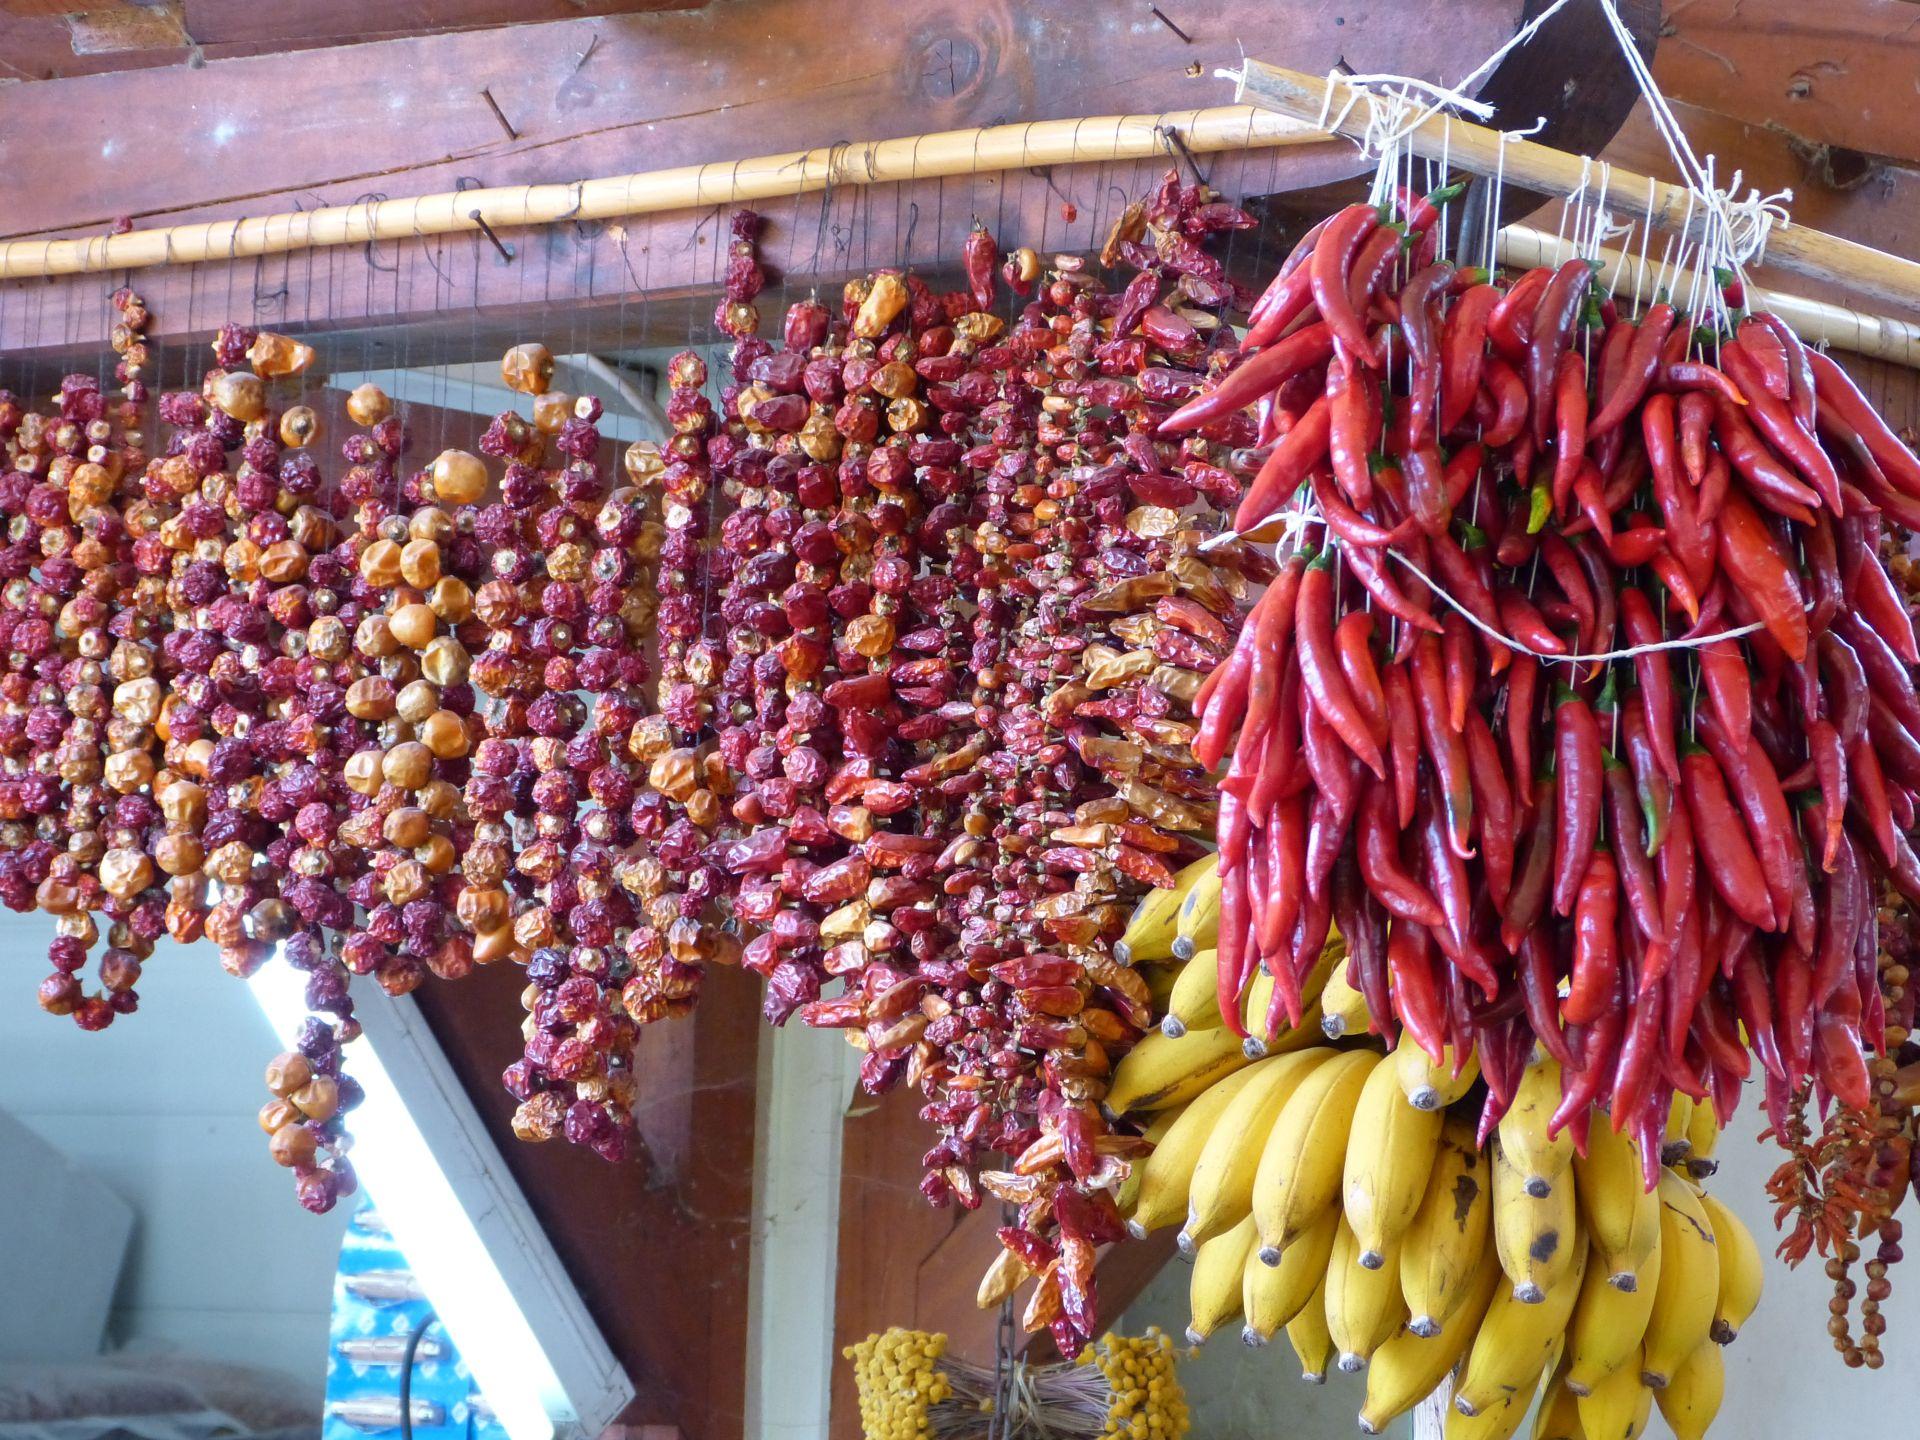 Bananen und scharfe Sachen im 2. Stock